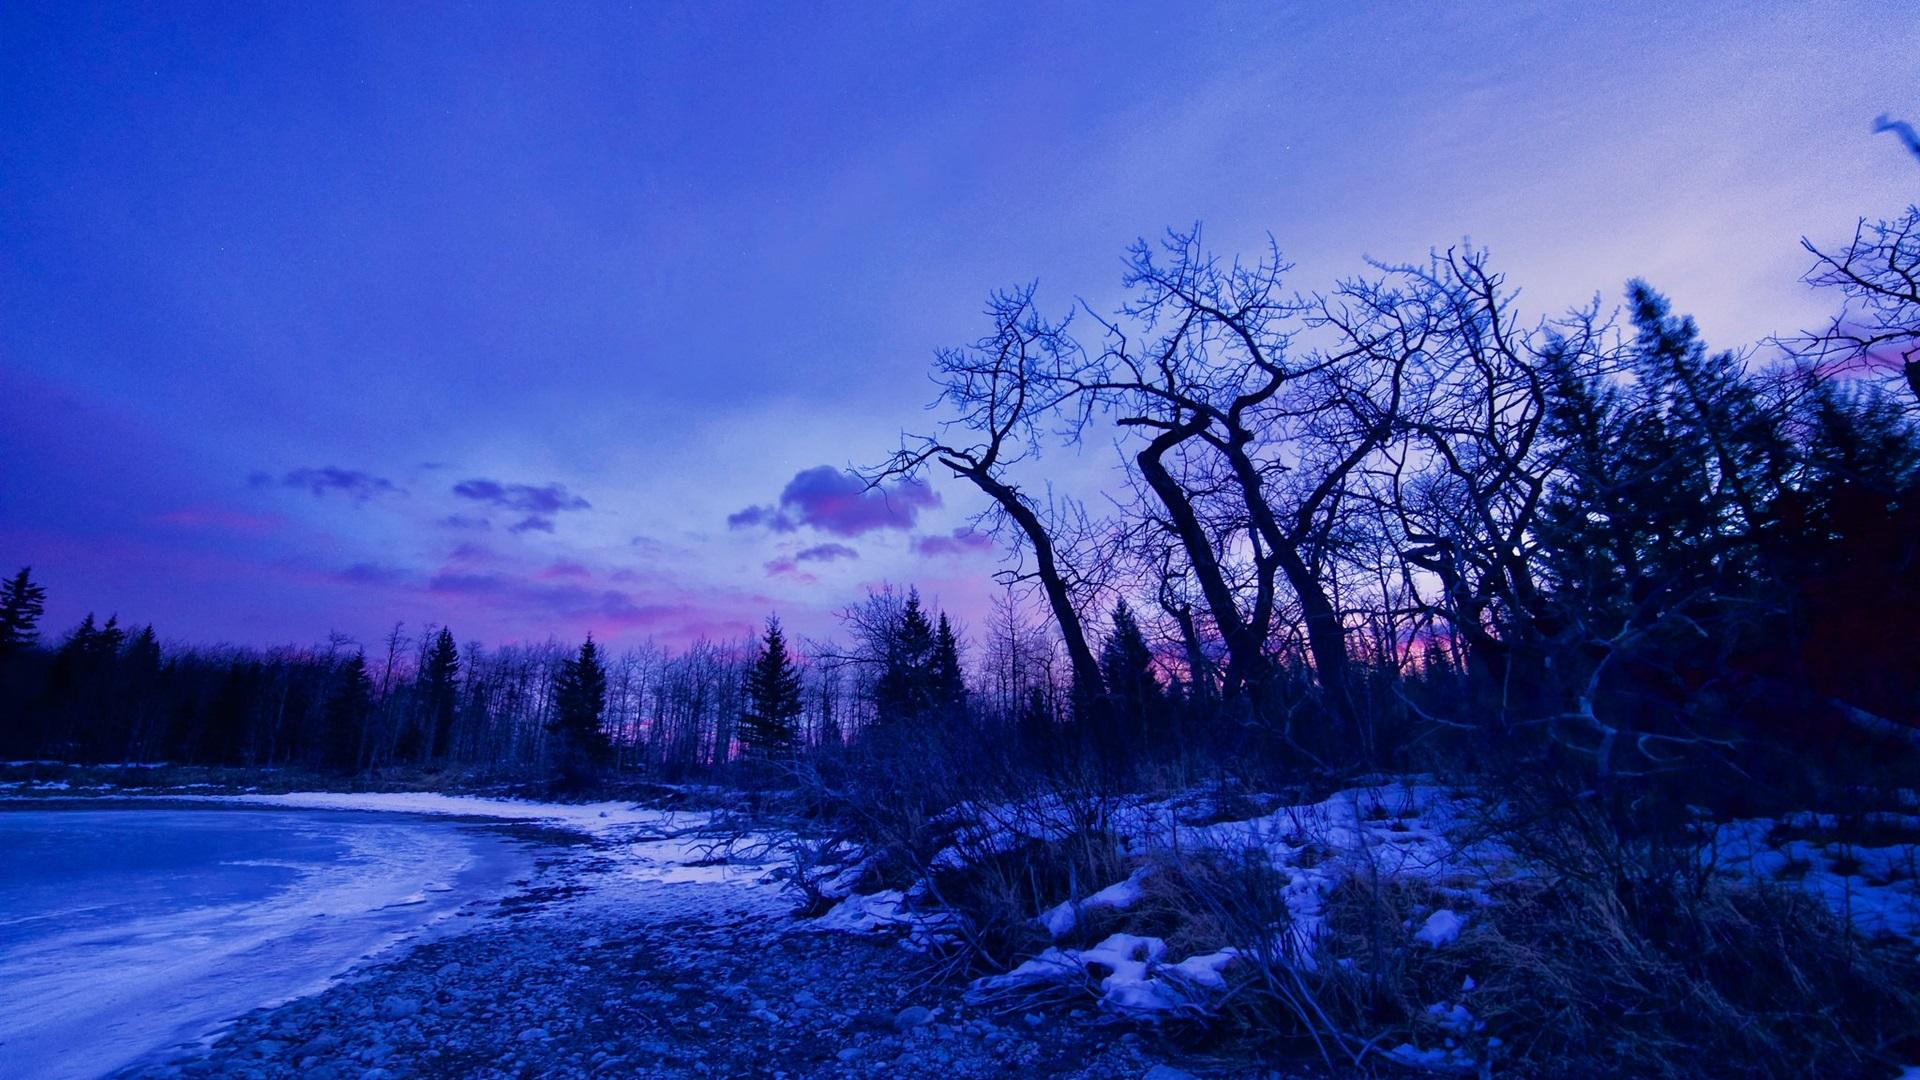 壁纸 冬季,黎明,发光,树,雪,湖 1920x1200 HD 高清壁纸, 图片, 照片